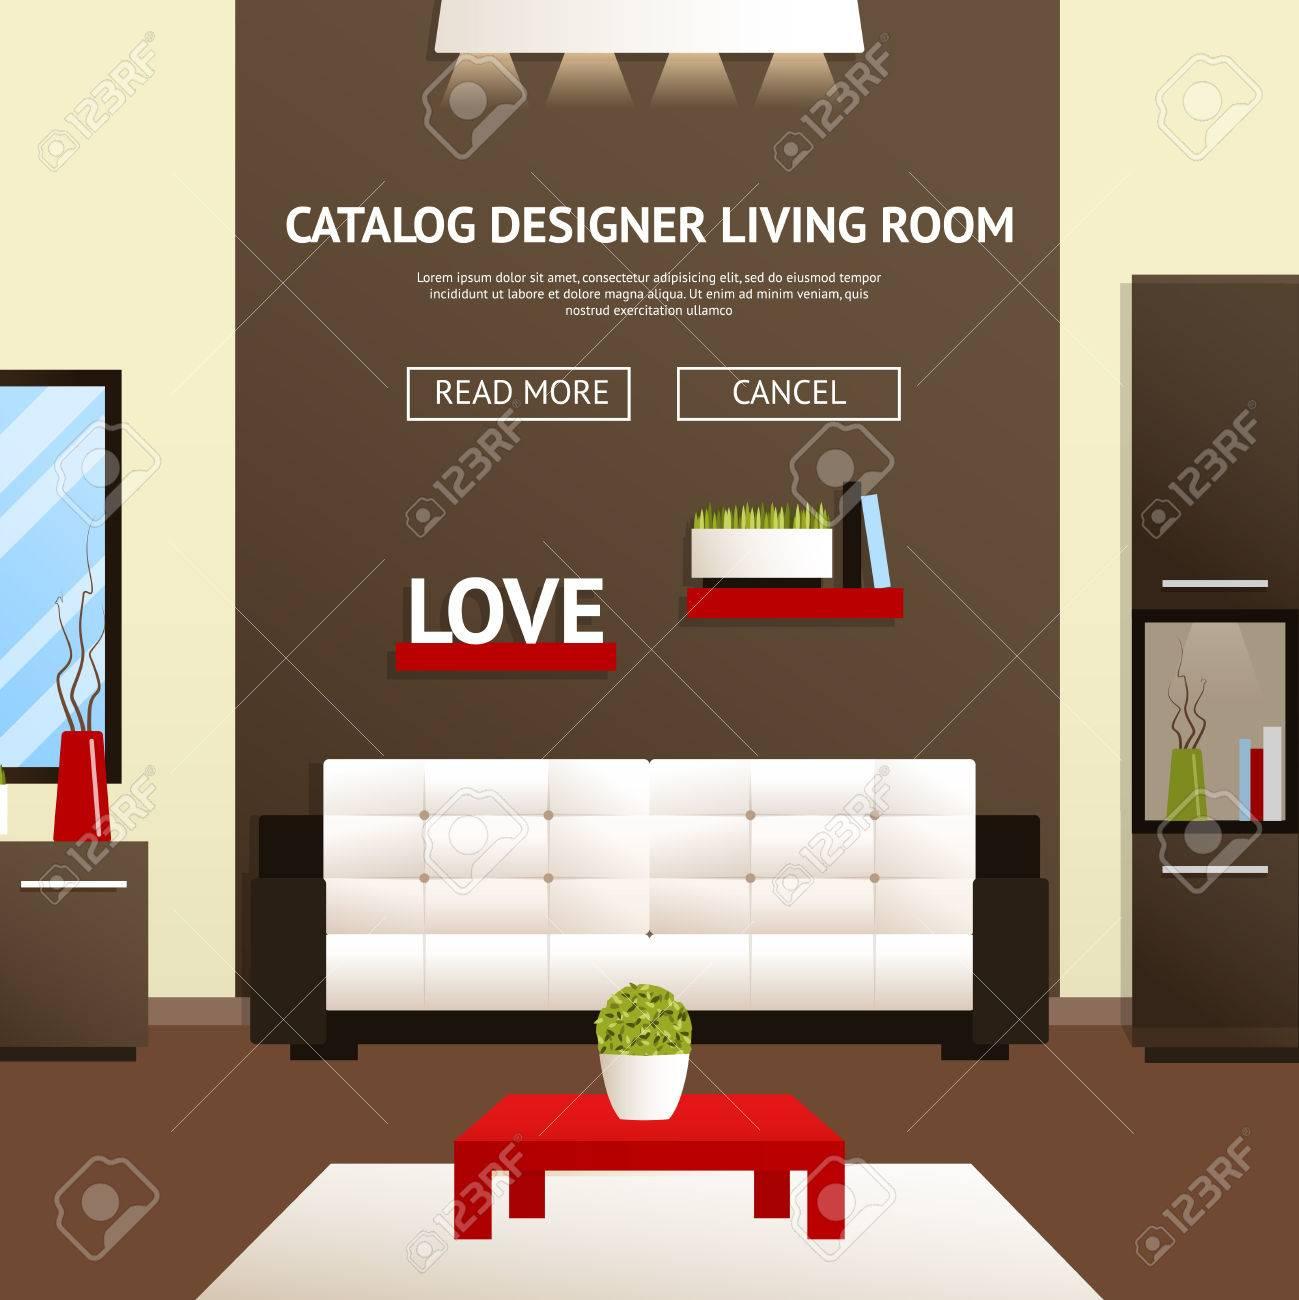 wohnzimmer katalog, designer katalog vorlage des modernen wohnzimmer möbel vektor, Design ideen